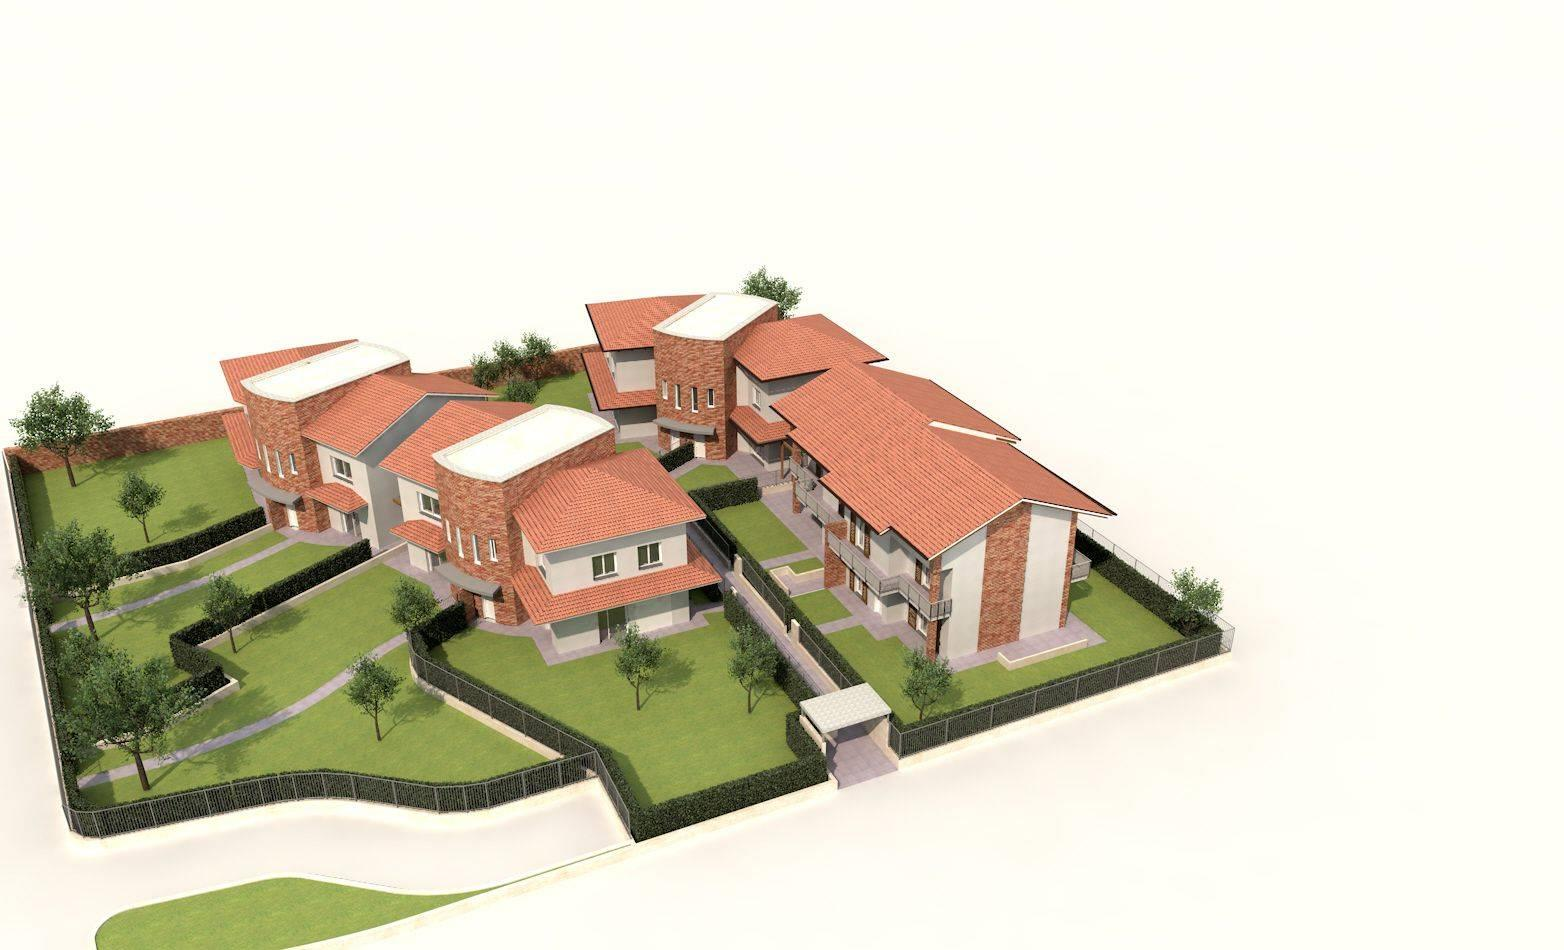 Foto 15 - Villa in Vendita - Aicurzio (Monza e Brianza)